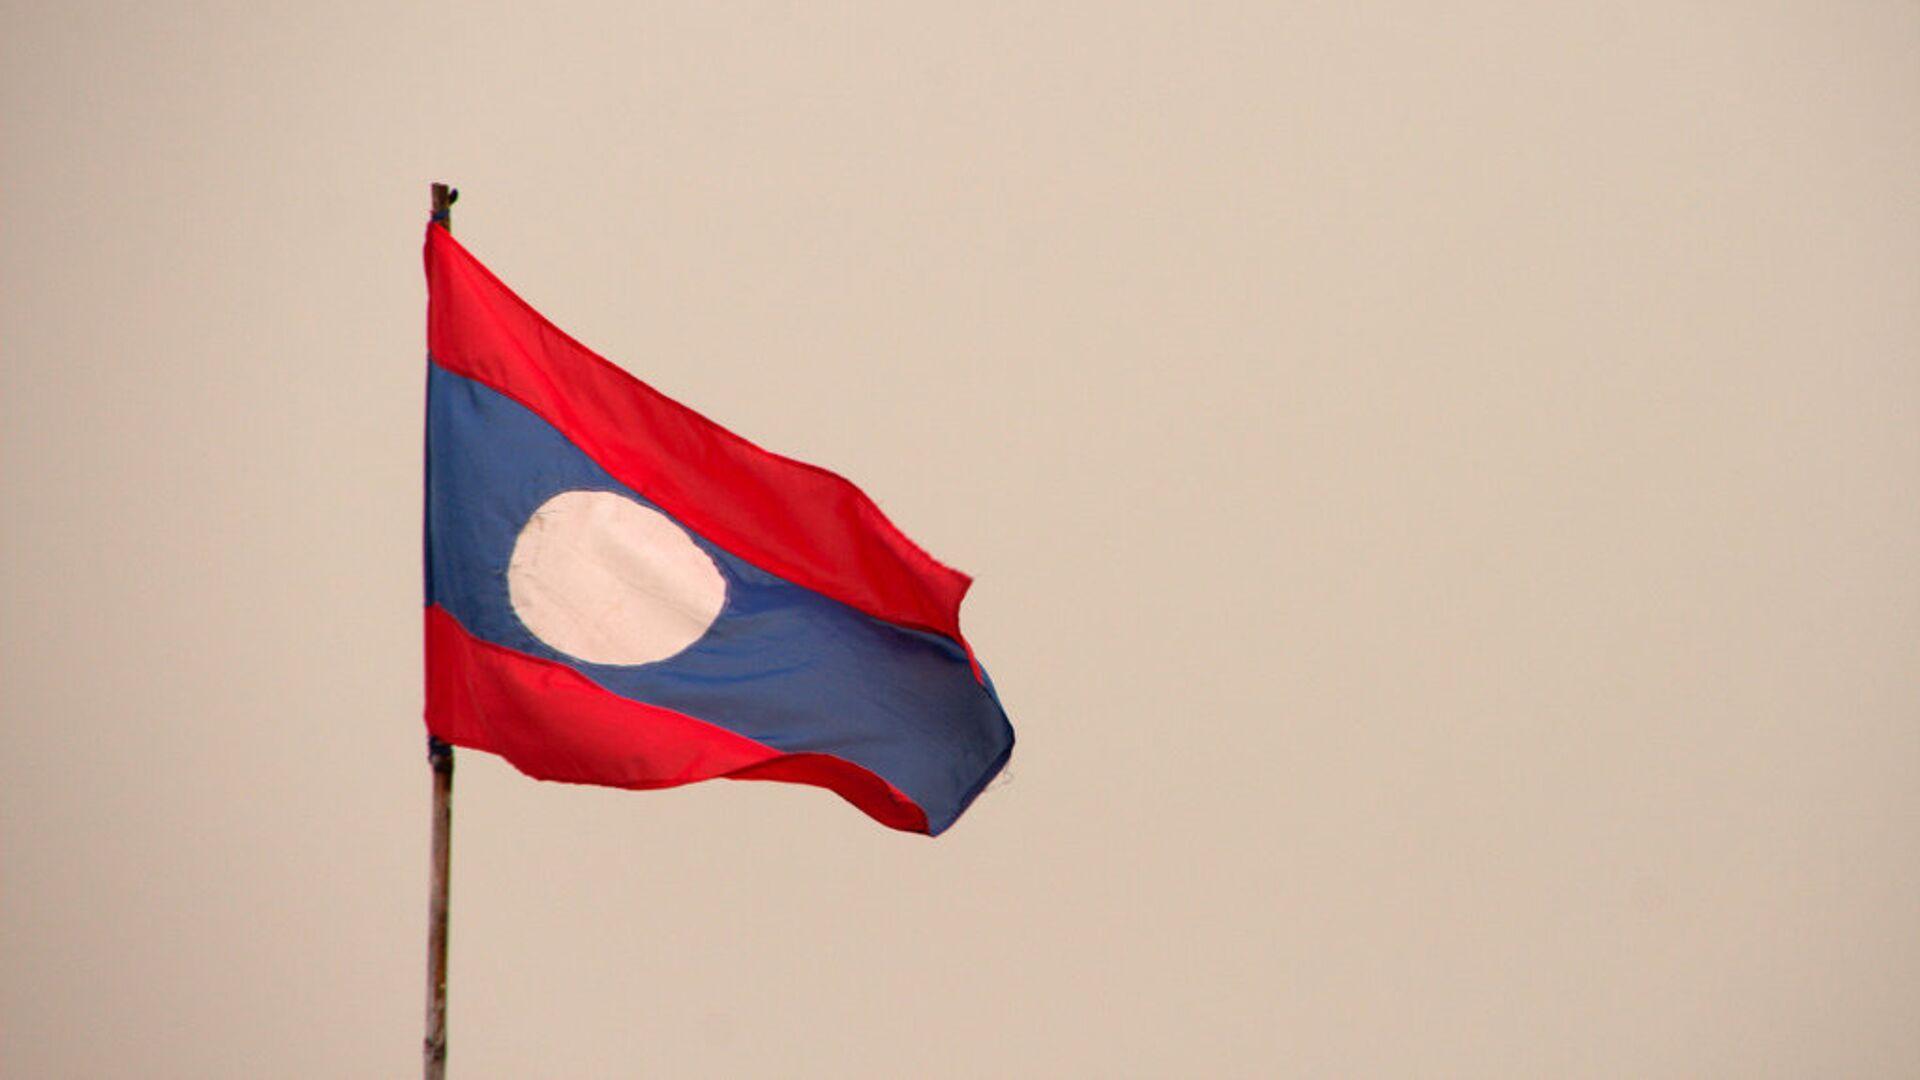 La bandera de Laos - Sputnik Mundo, 1920, 07.07.2021